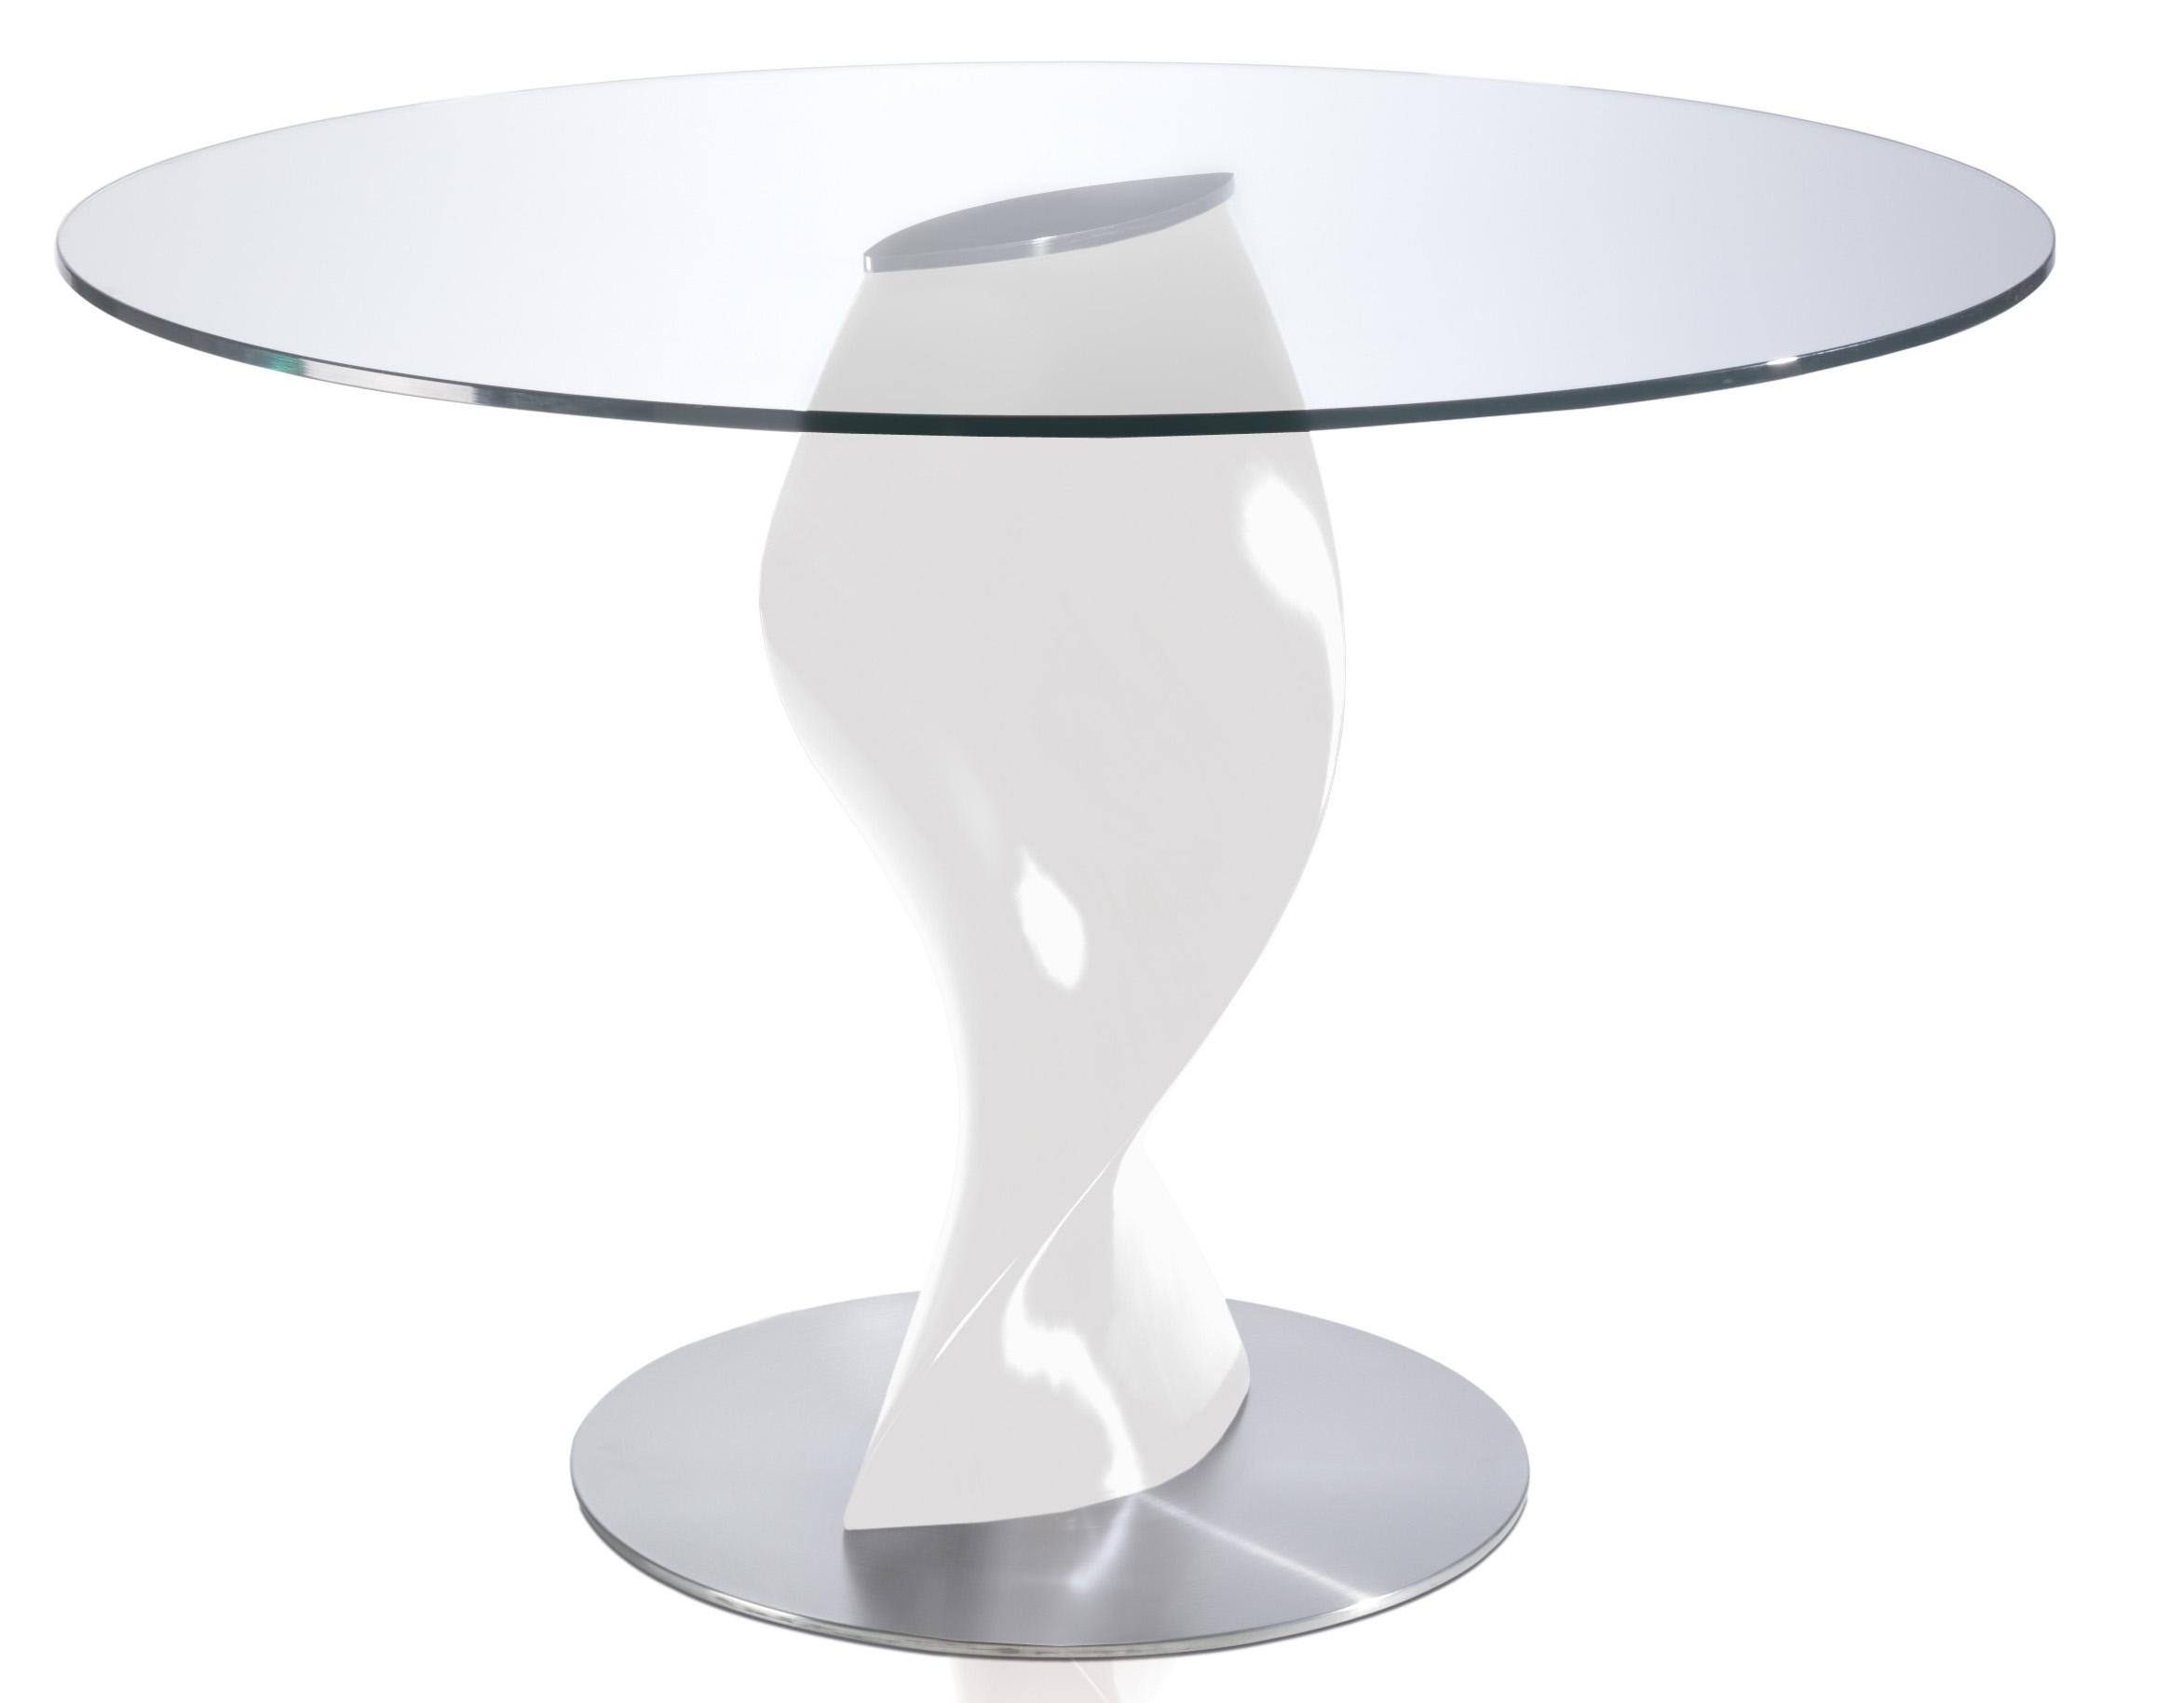 table ronde laqu e taupe en fibre de verre plateau en verre torsada dimensions d 110 x h 76 cm. Black Bedroom Furniture Sets. Home Design Ideas